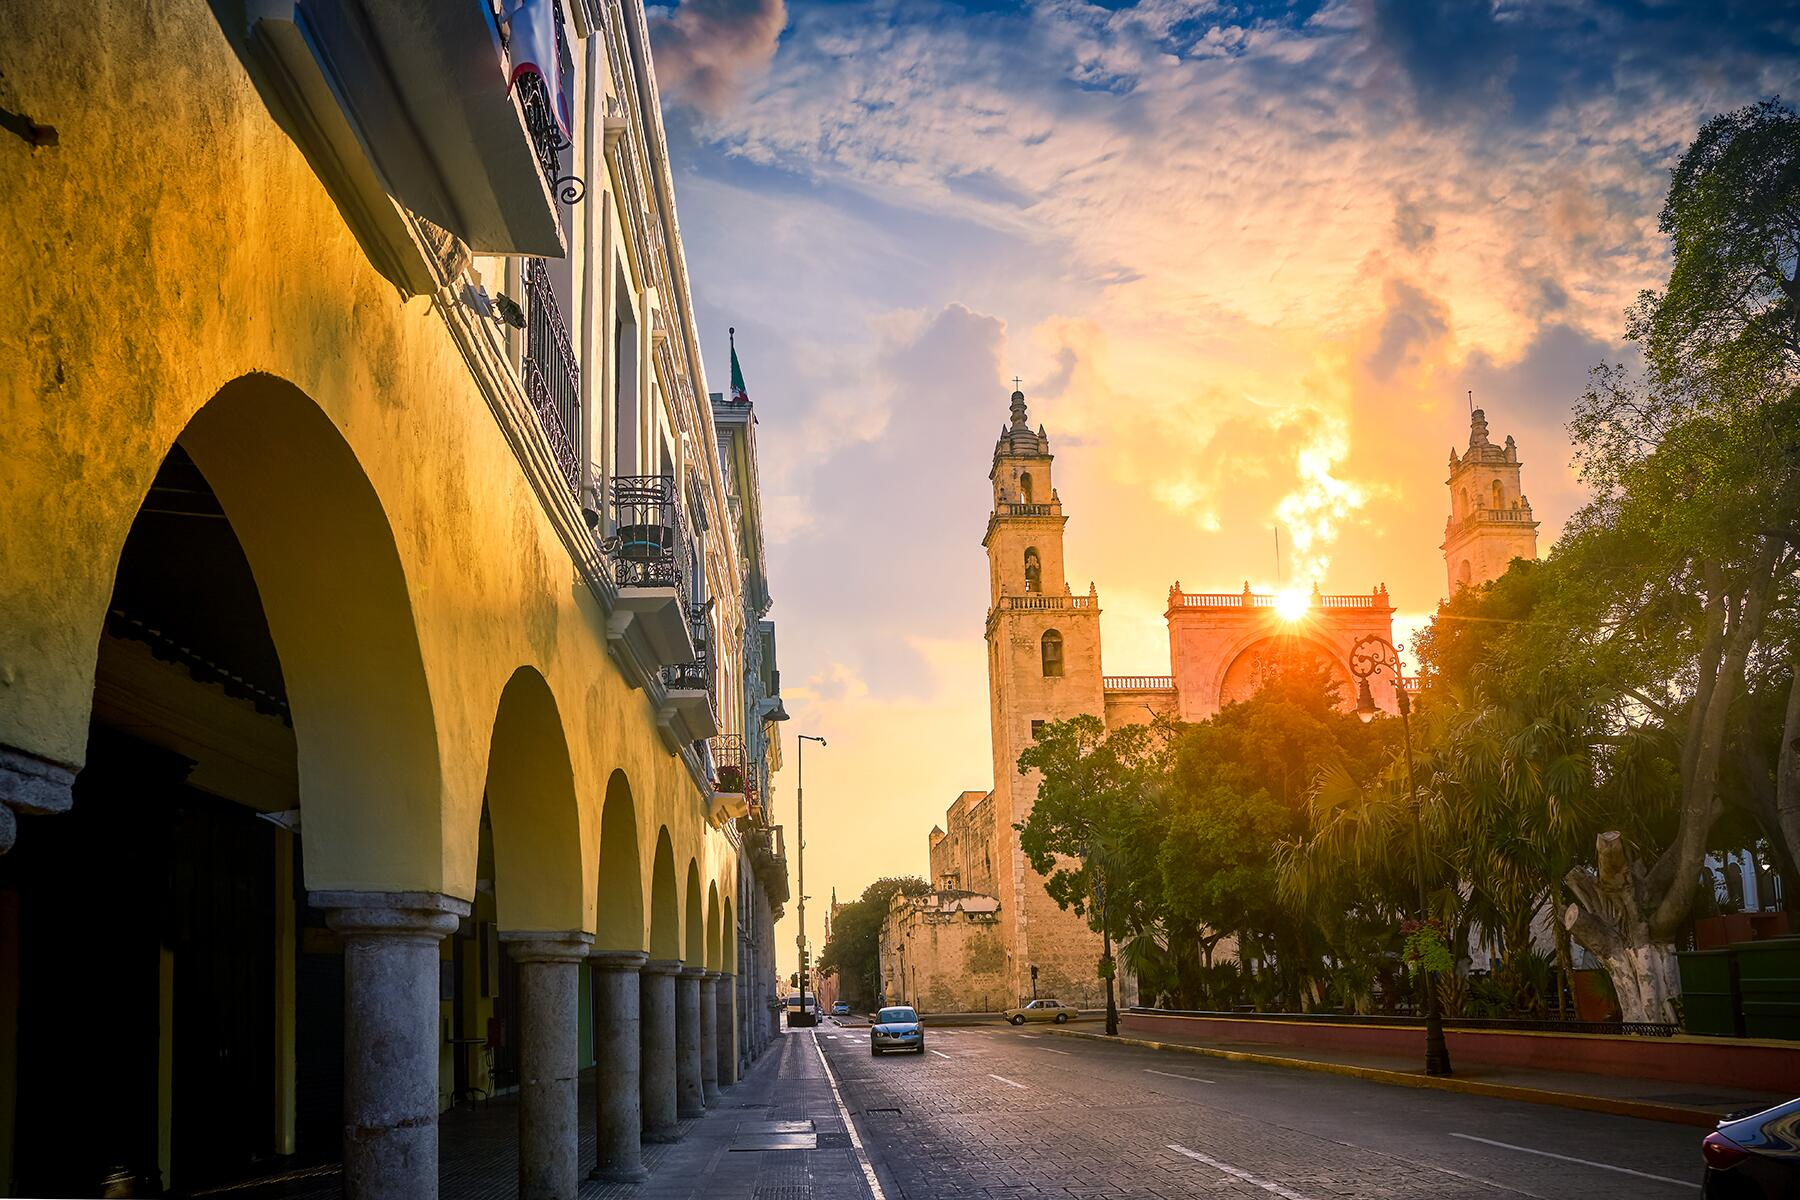 centro histórico de Mérida al amanecer